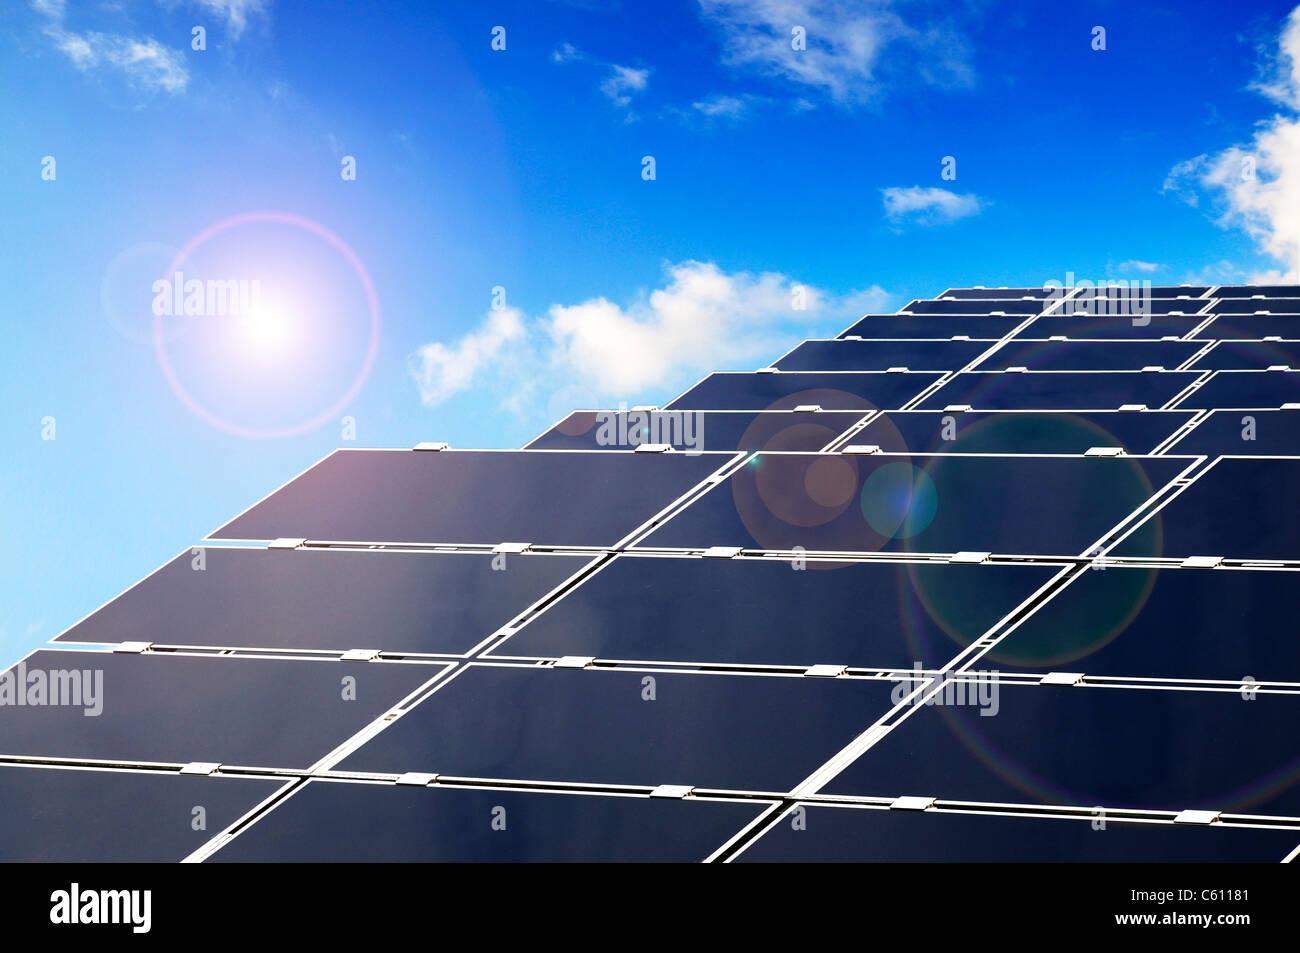 Parc solaire avec panneaux à produire de l'énergie par l'énergie photovoltaïque. Photo Stock